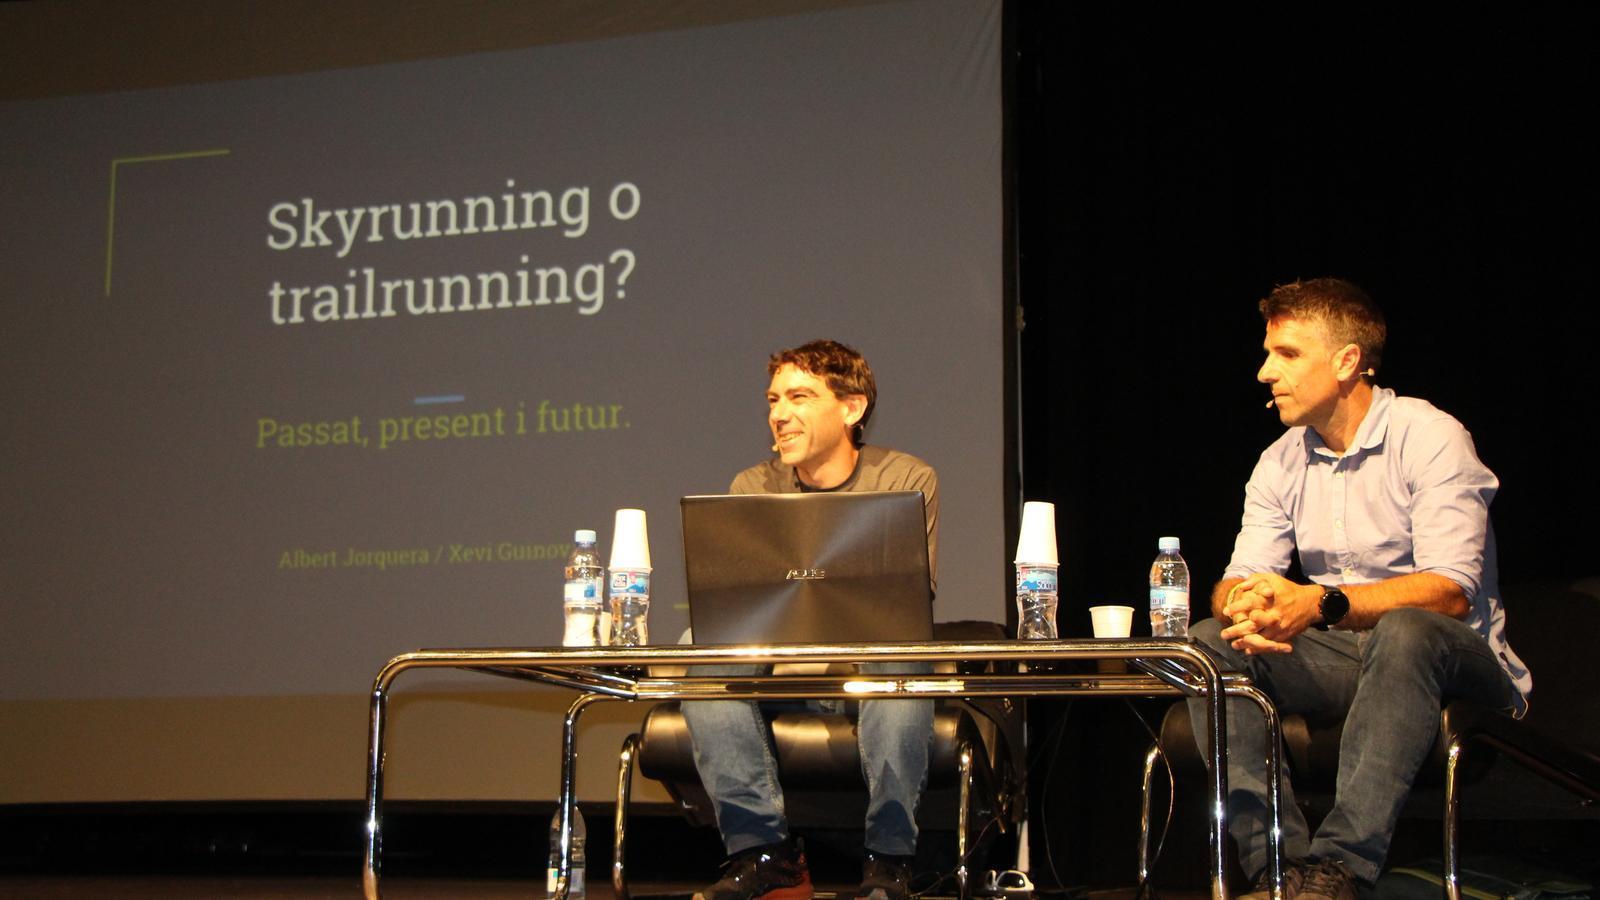 El corredor Xevi Guinovart i el periodista Albert Jorquera han parlat sobre el 'trailrunning' i l''skyrunning'. / E. J. M. (ANA)